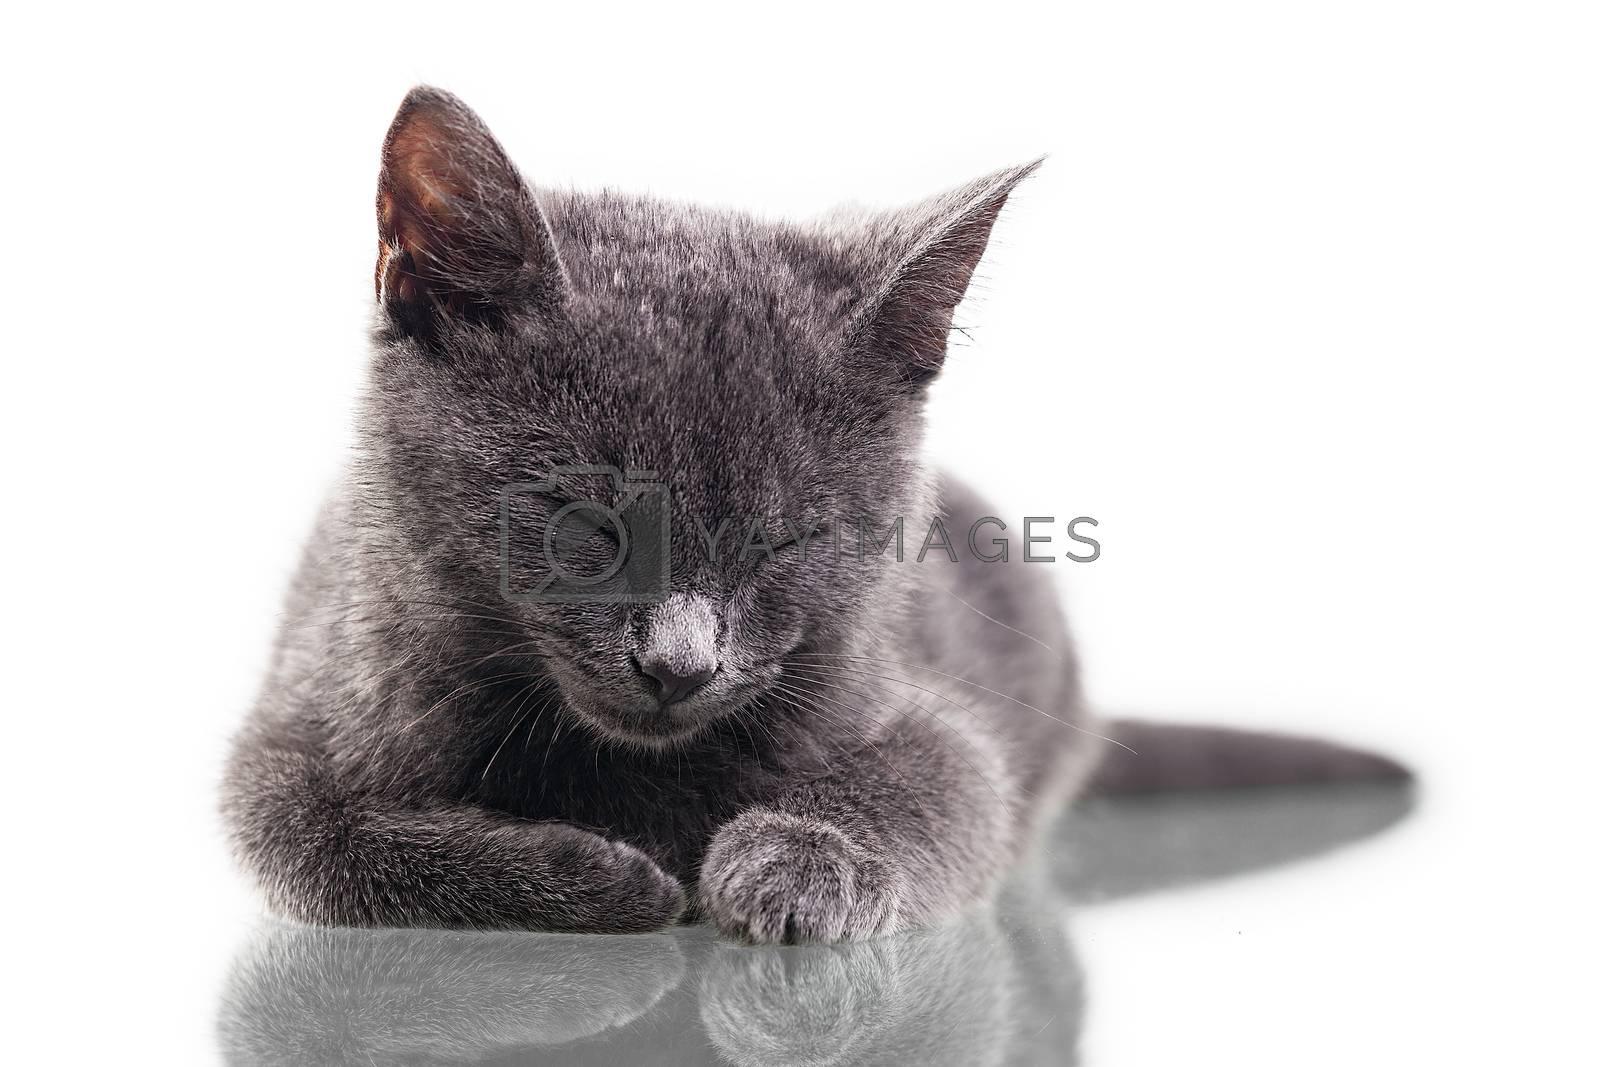 Chatreaux Kitten Sleeping by ajn